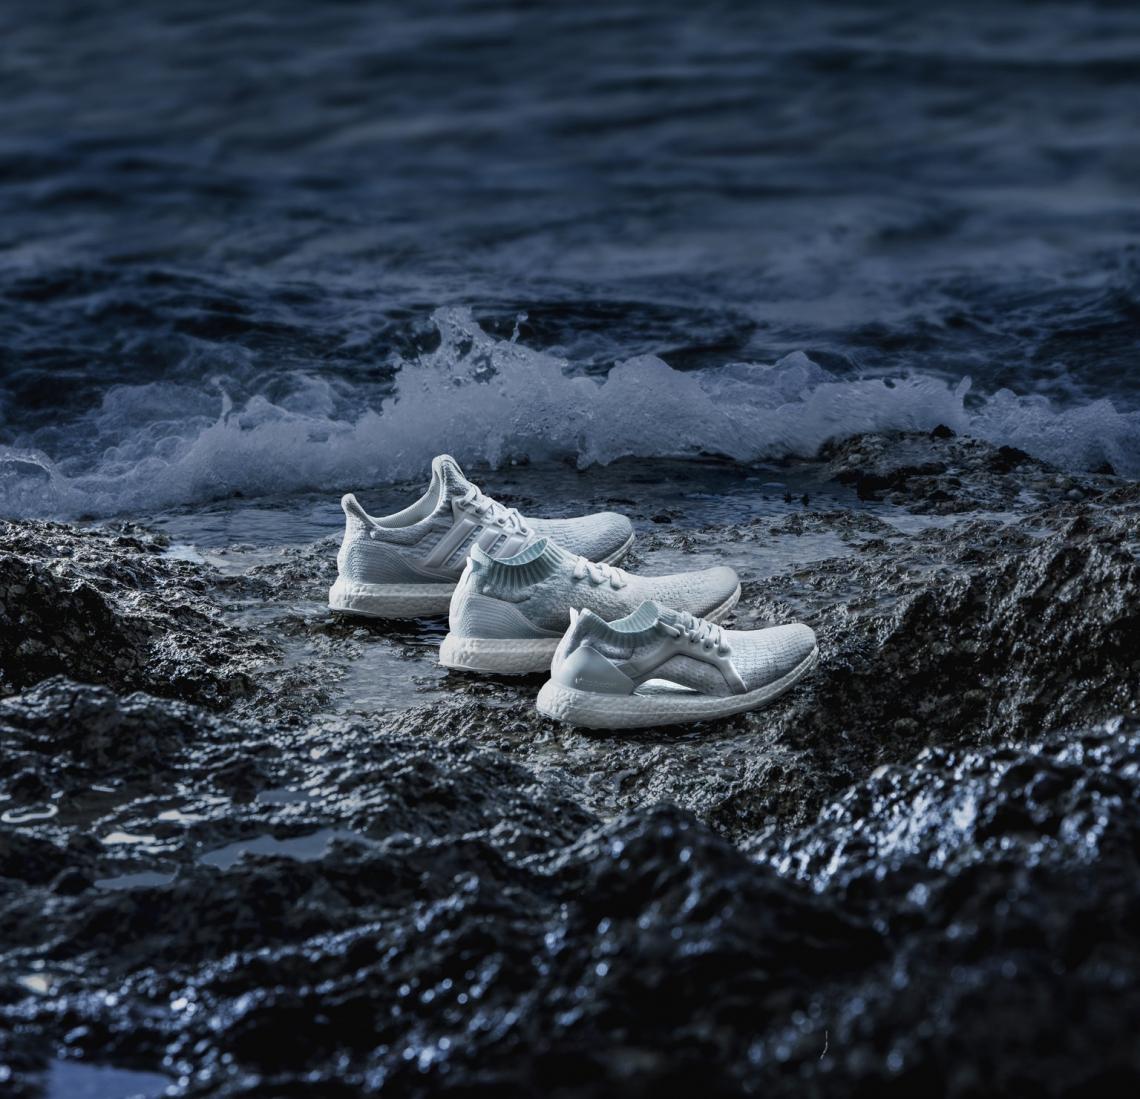 Da parceria Stella McCartney com @parley.tv: tênis feito a partir de plásticos encontrados no oceano